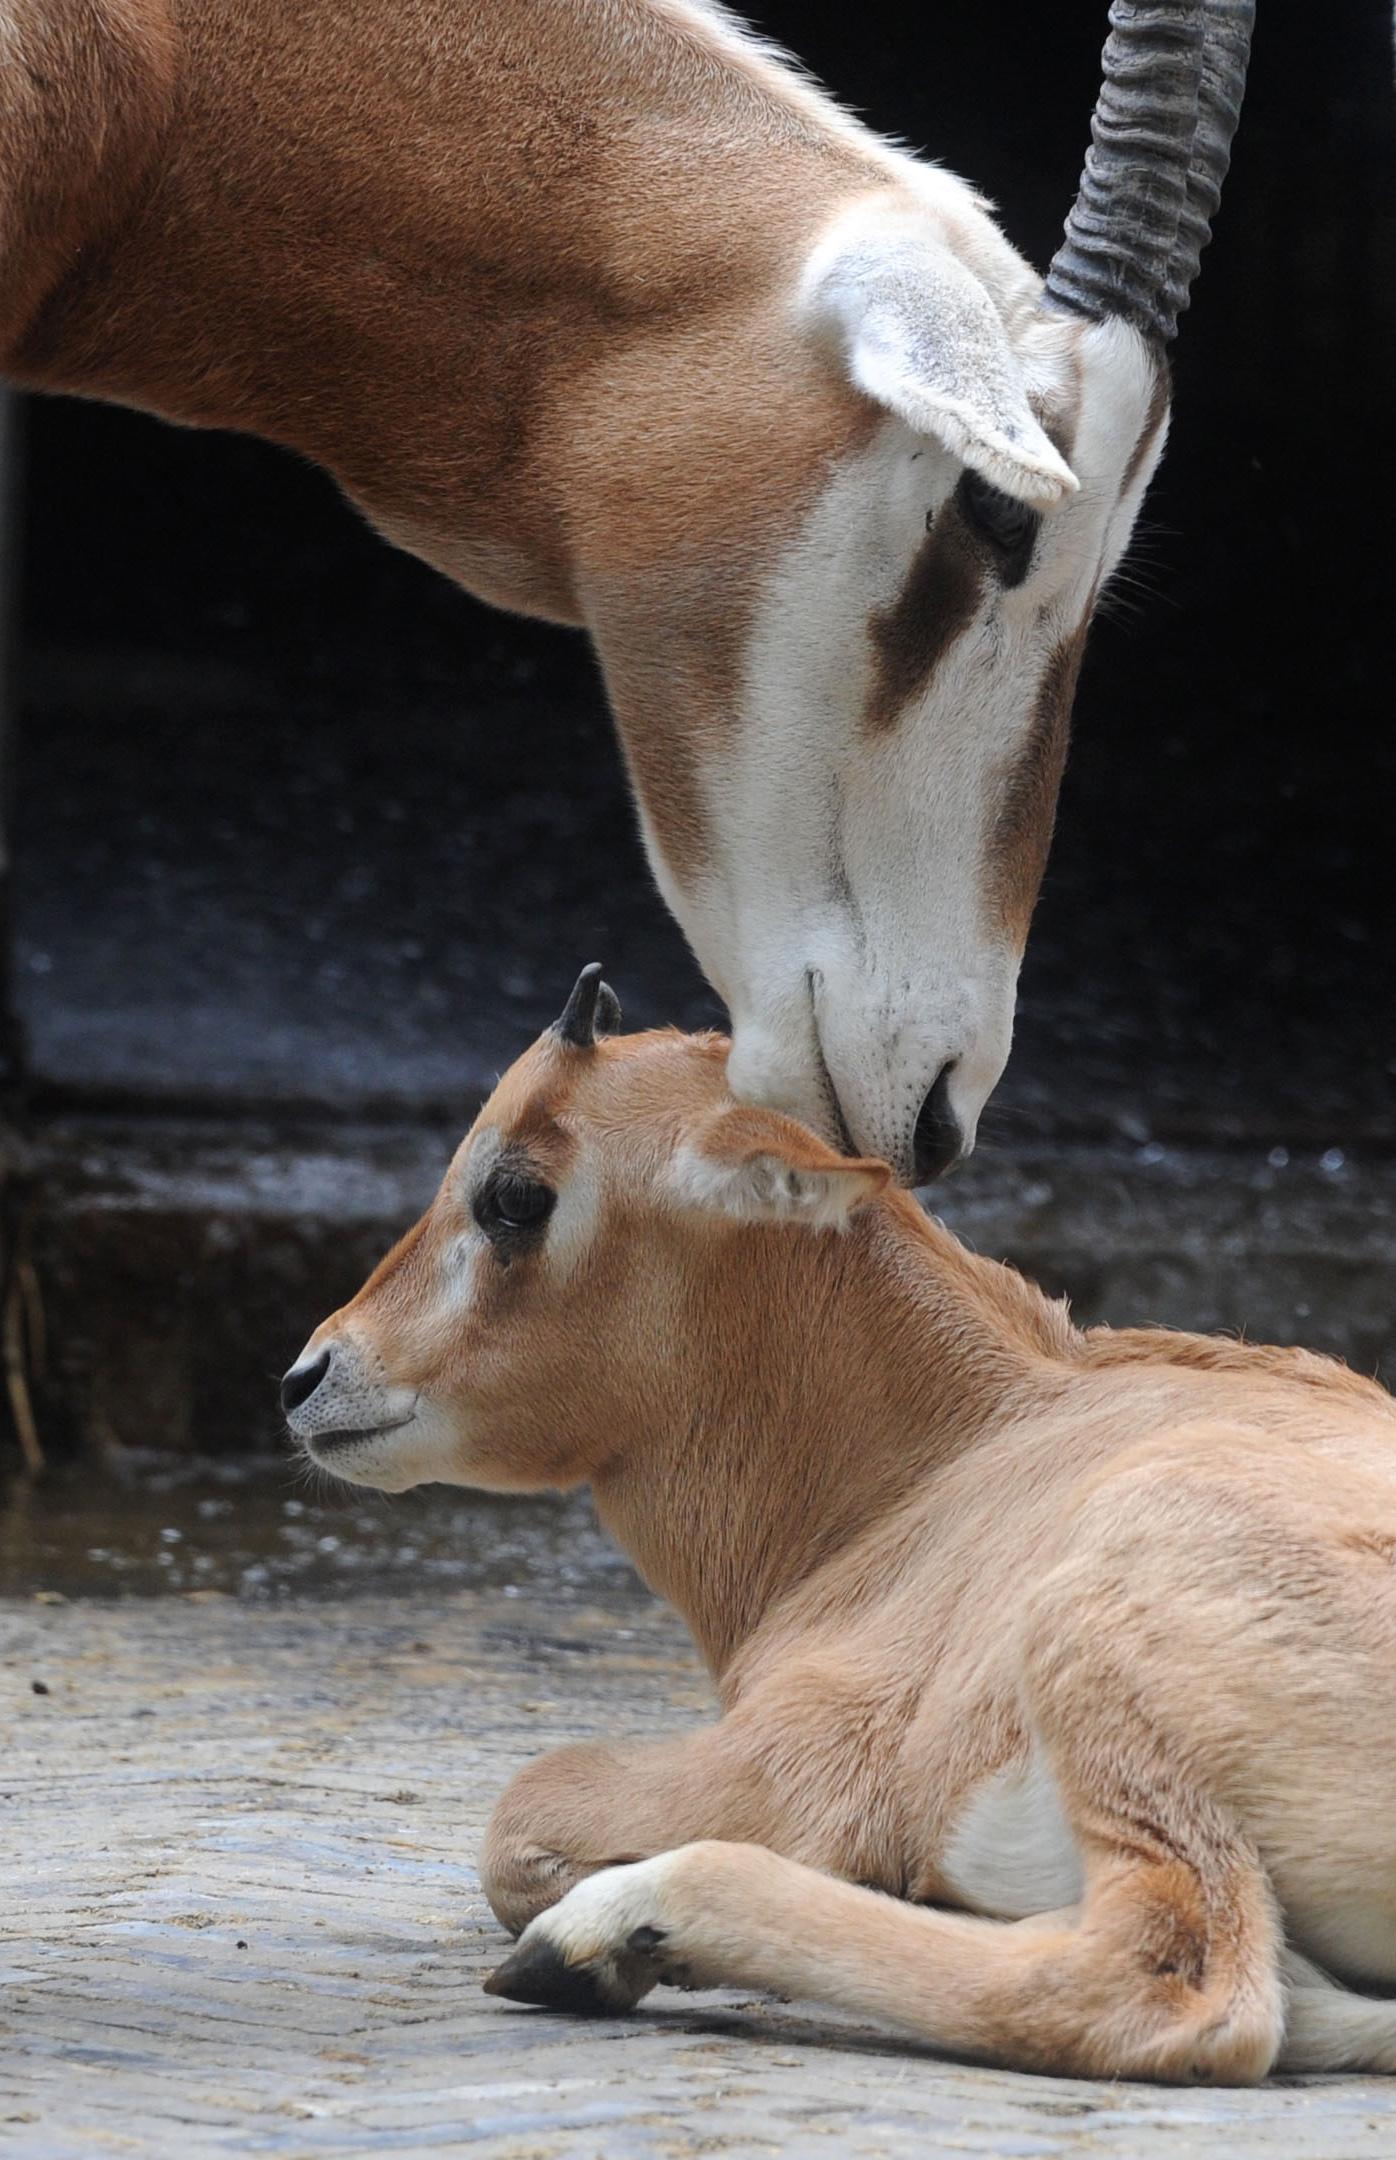 新华社照片,苏州(江苏),2015年6月10日   苏州动物园初夏添丁多   6月10日,在苏州动物园,一只长白角羚妈妈与宝宝亲昵。   随着天气渐暖,苏州动物园动物迎来生育高峰期。其中,白长角羚、赤猴、阿拉伯狒狒和环尾狐猴等动物妈妈纷纷添丁。目前,这些可爱的动物宝宝们生长情况良好,给前来游园的游客增添了游兴。   新华社发(杭兴微 摄)